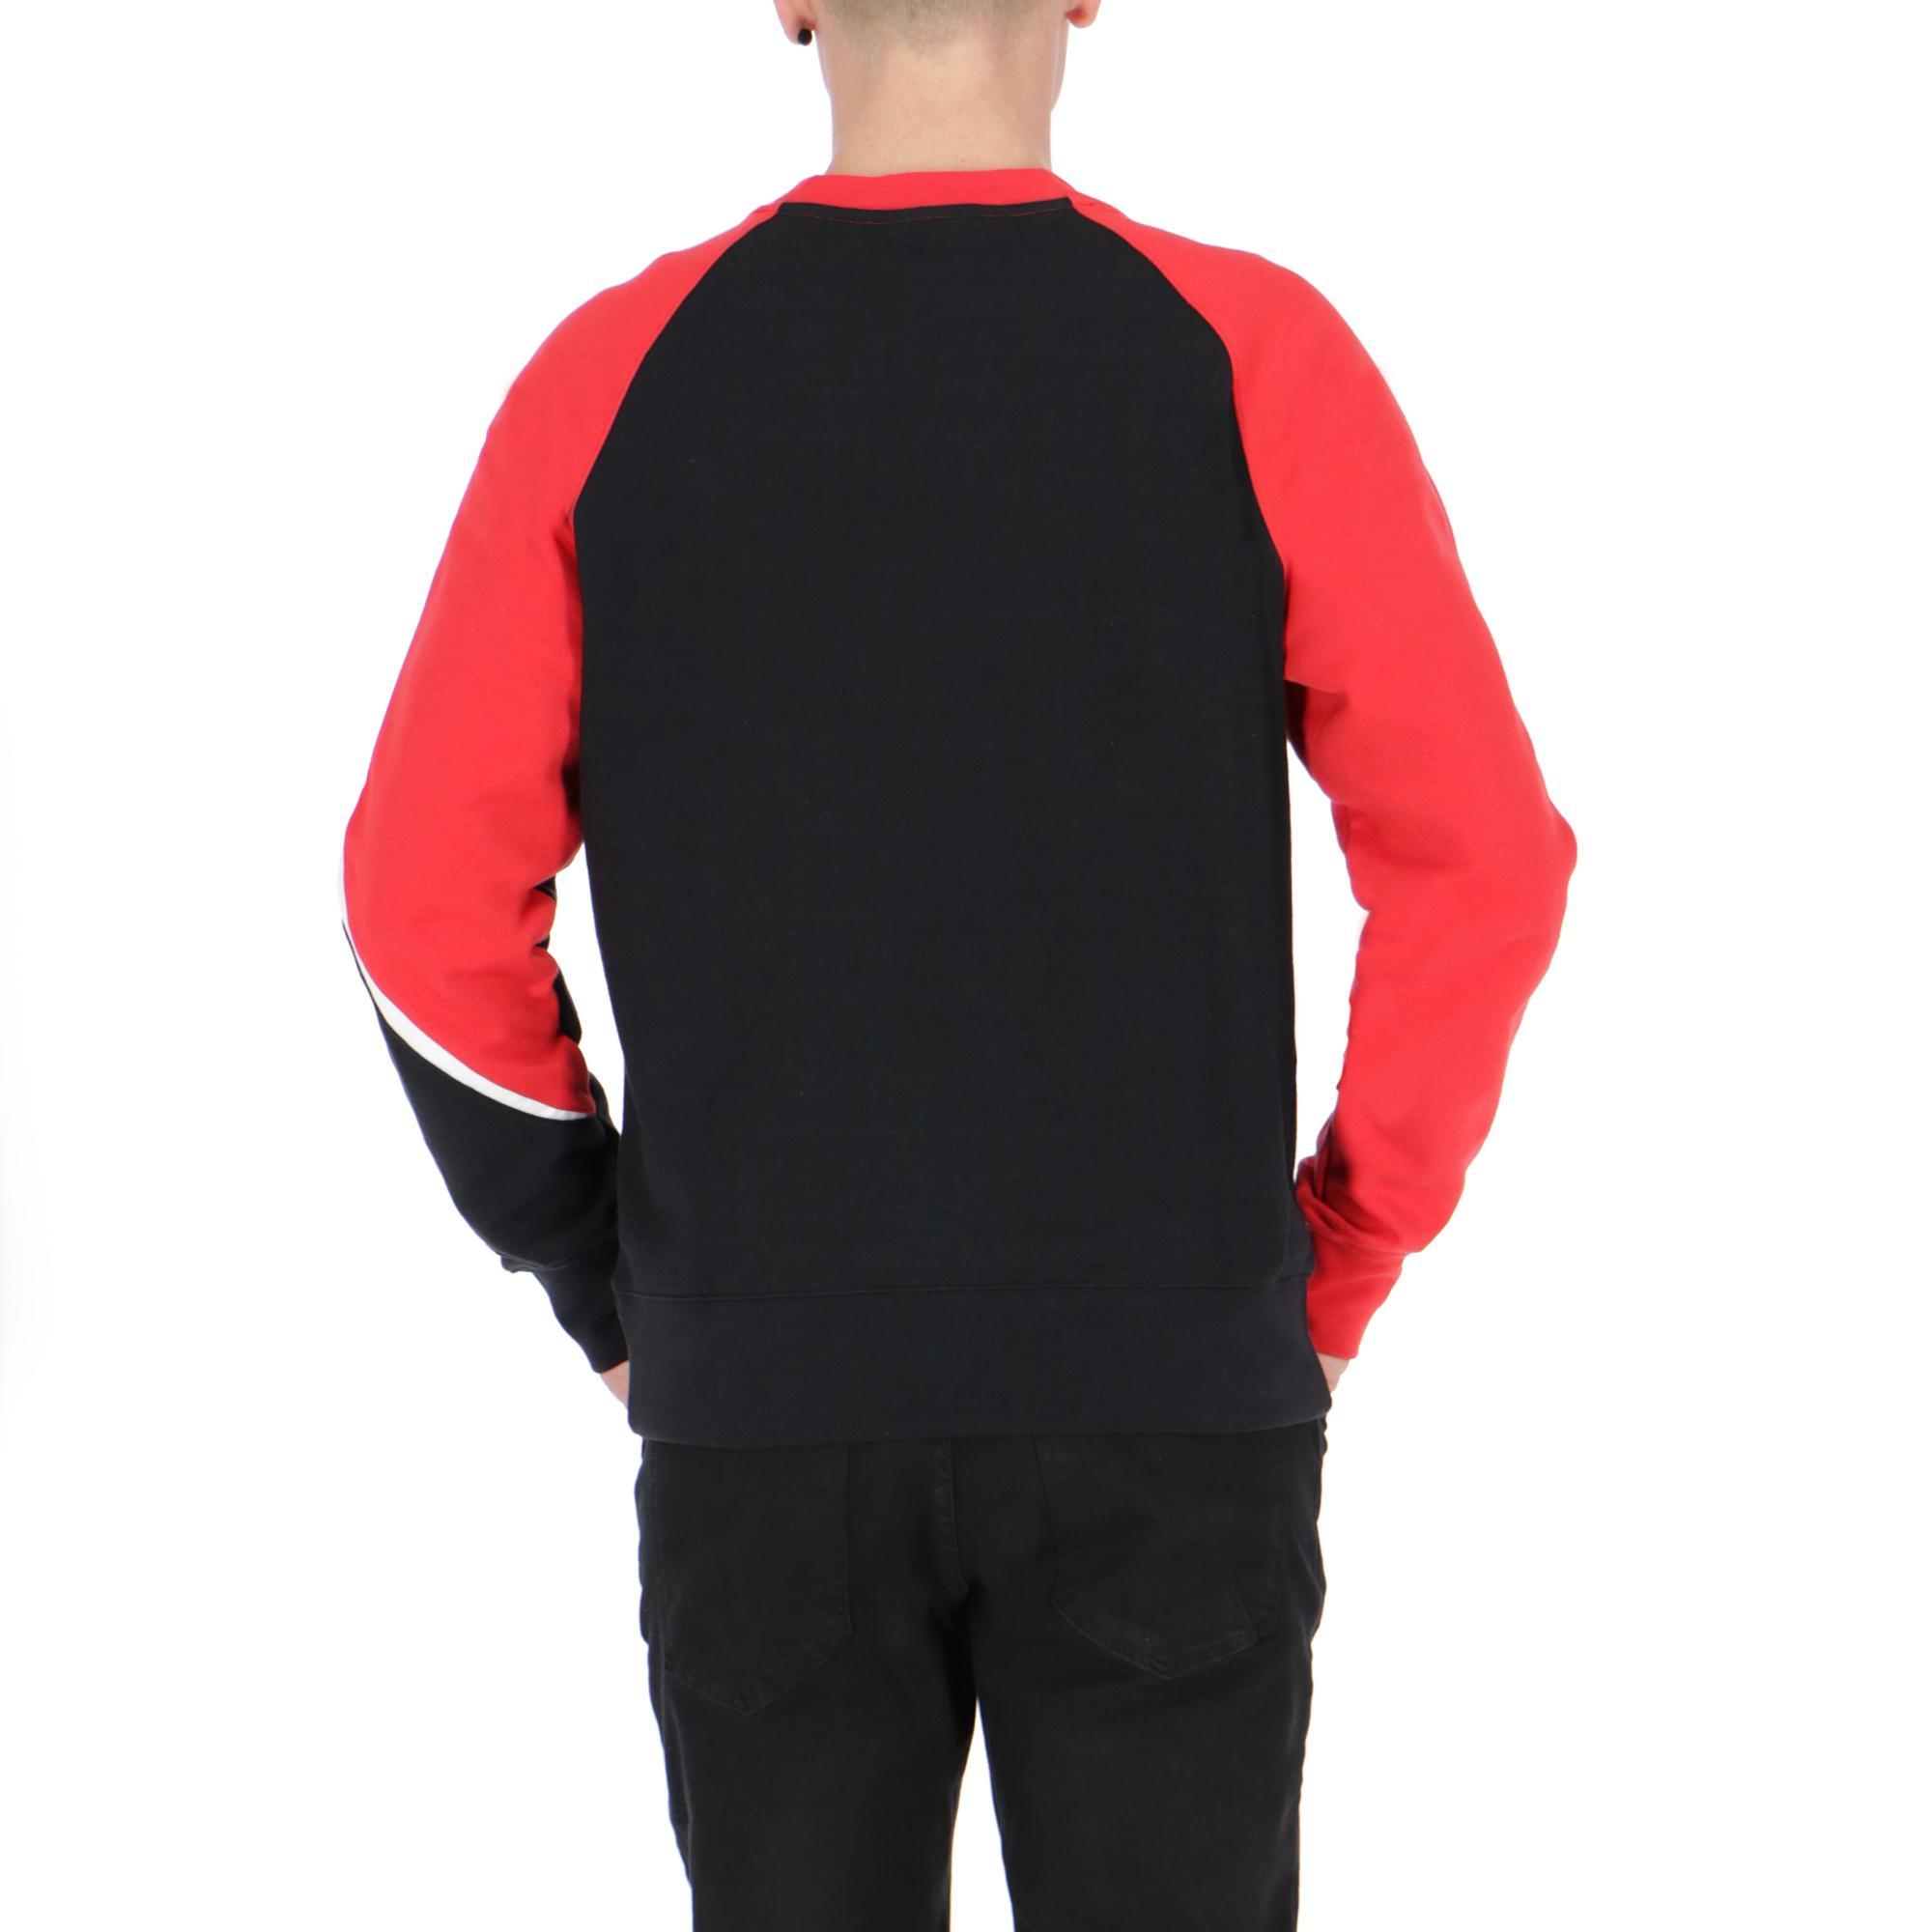 Nike Hbr Crw Ft Stmt<br/> Black white